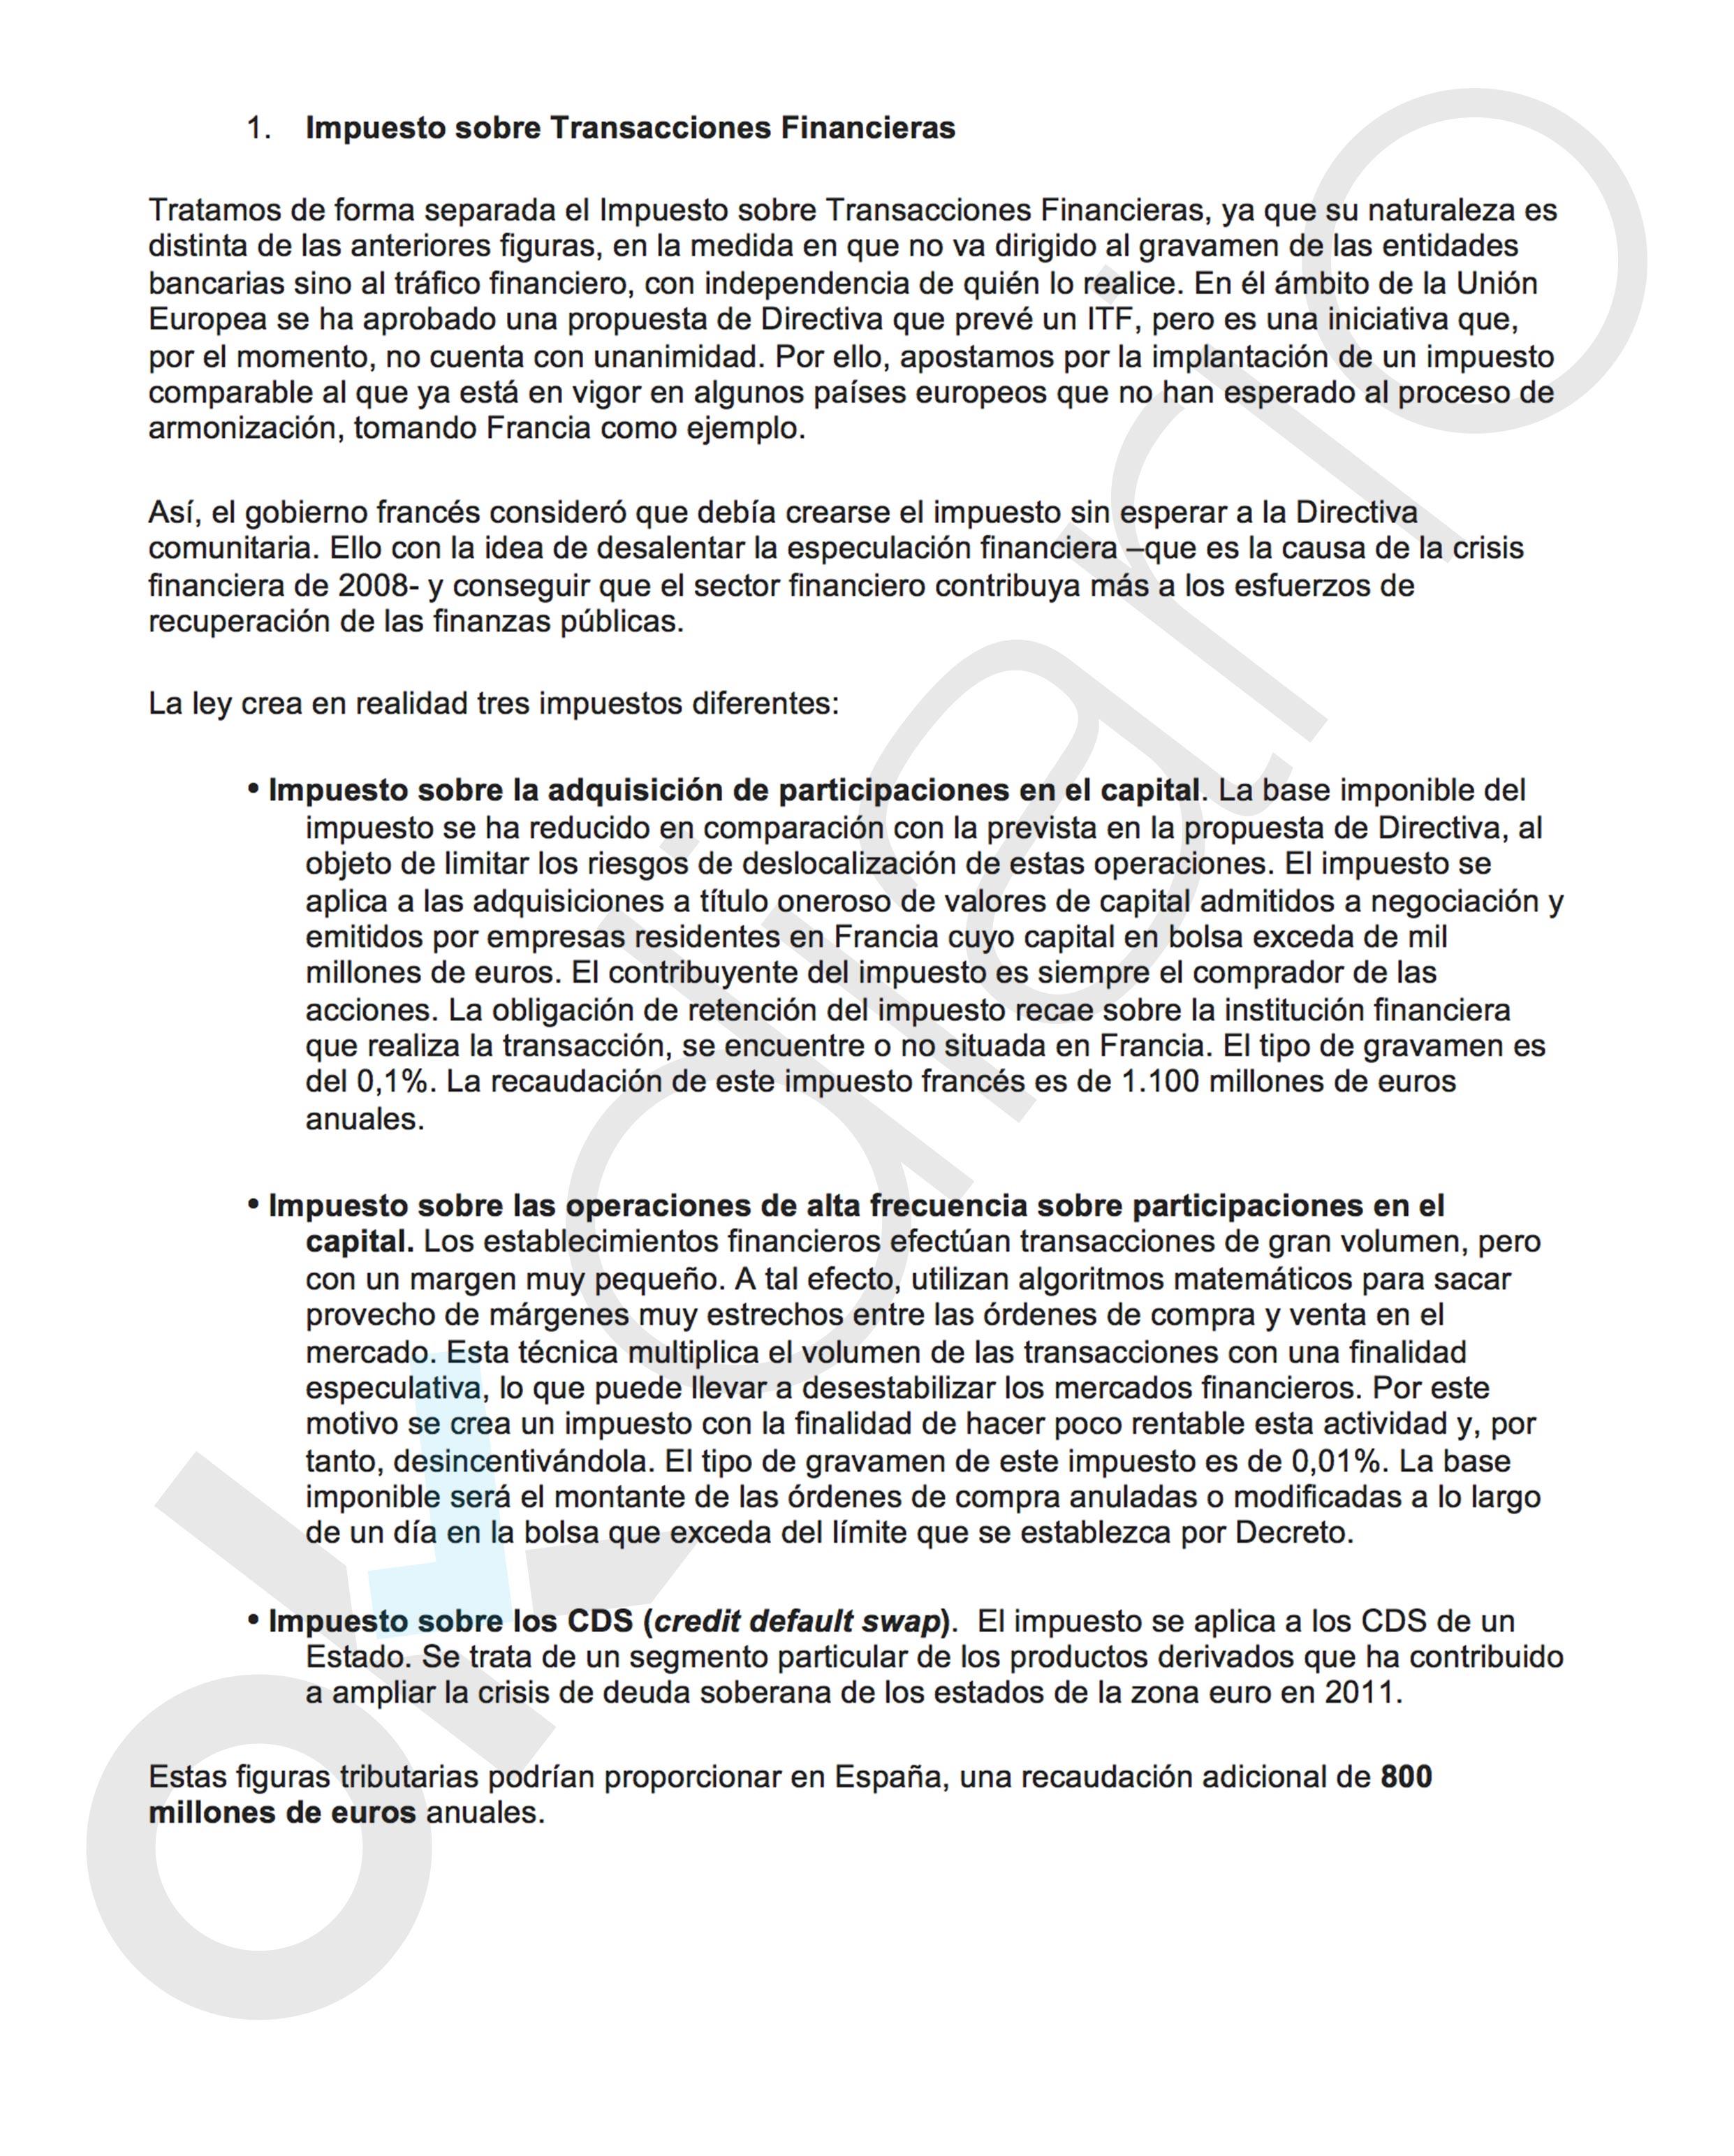 El PSOE freirá a impuestos a quienes inviertan en empresas del IBEX y bancos